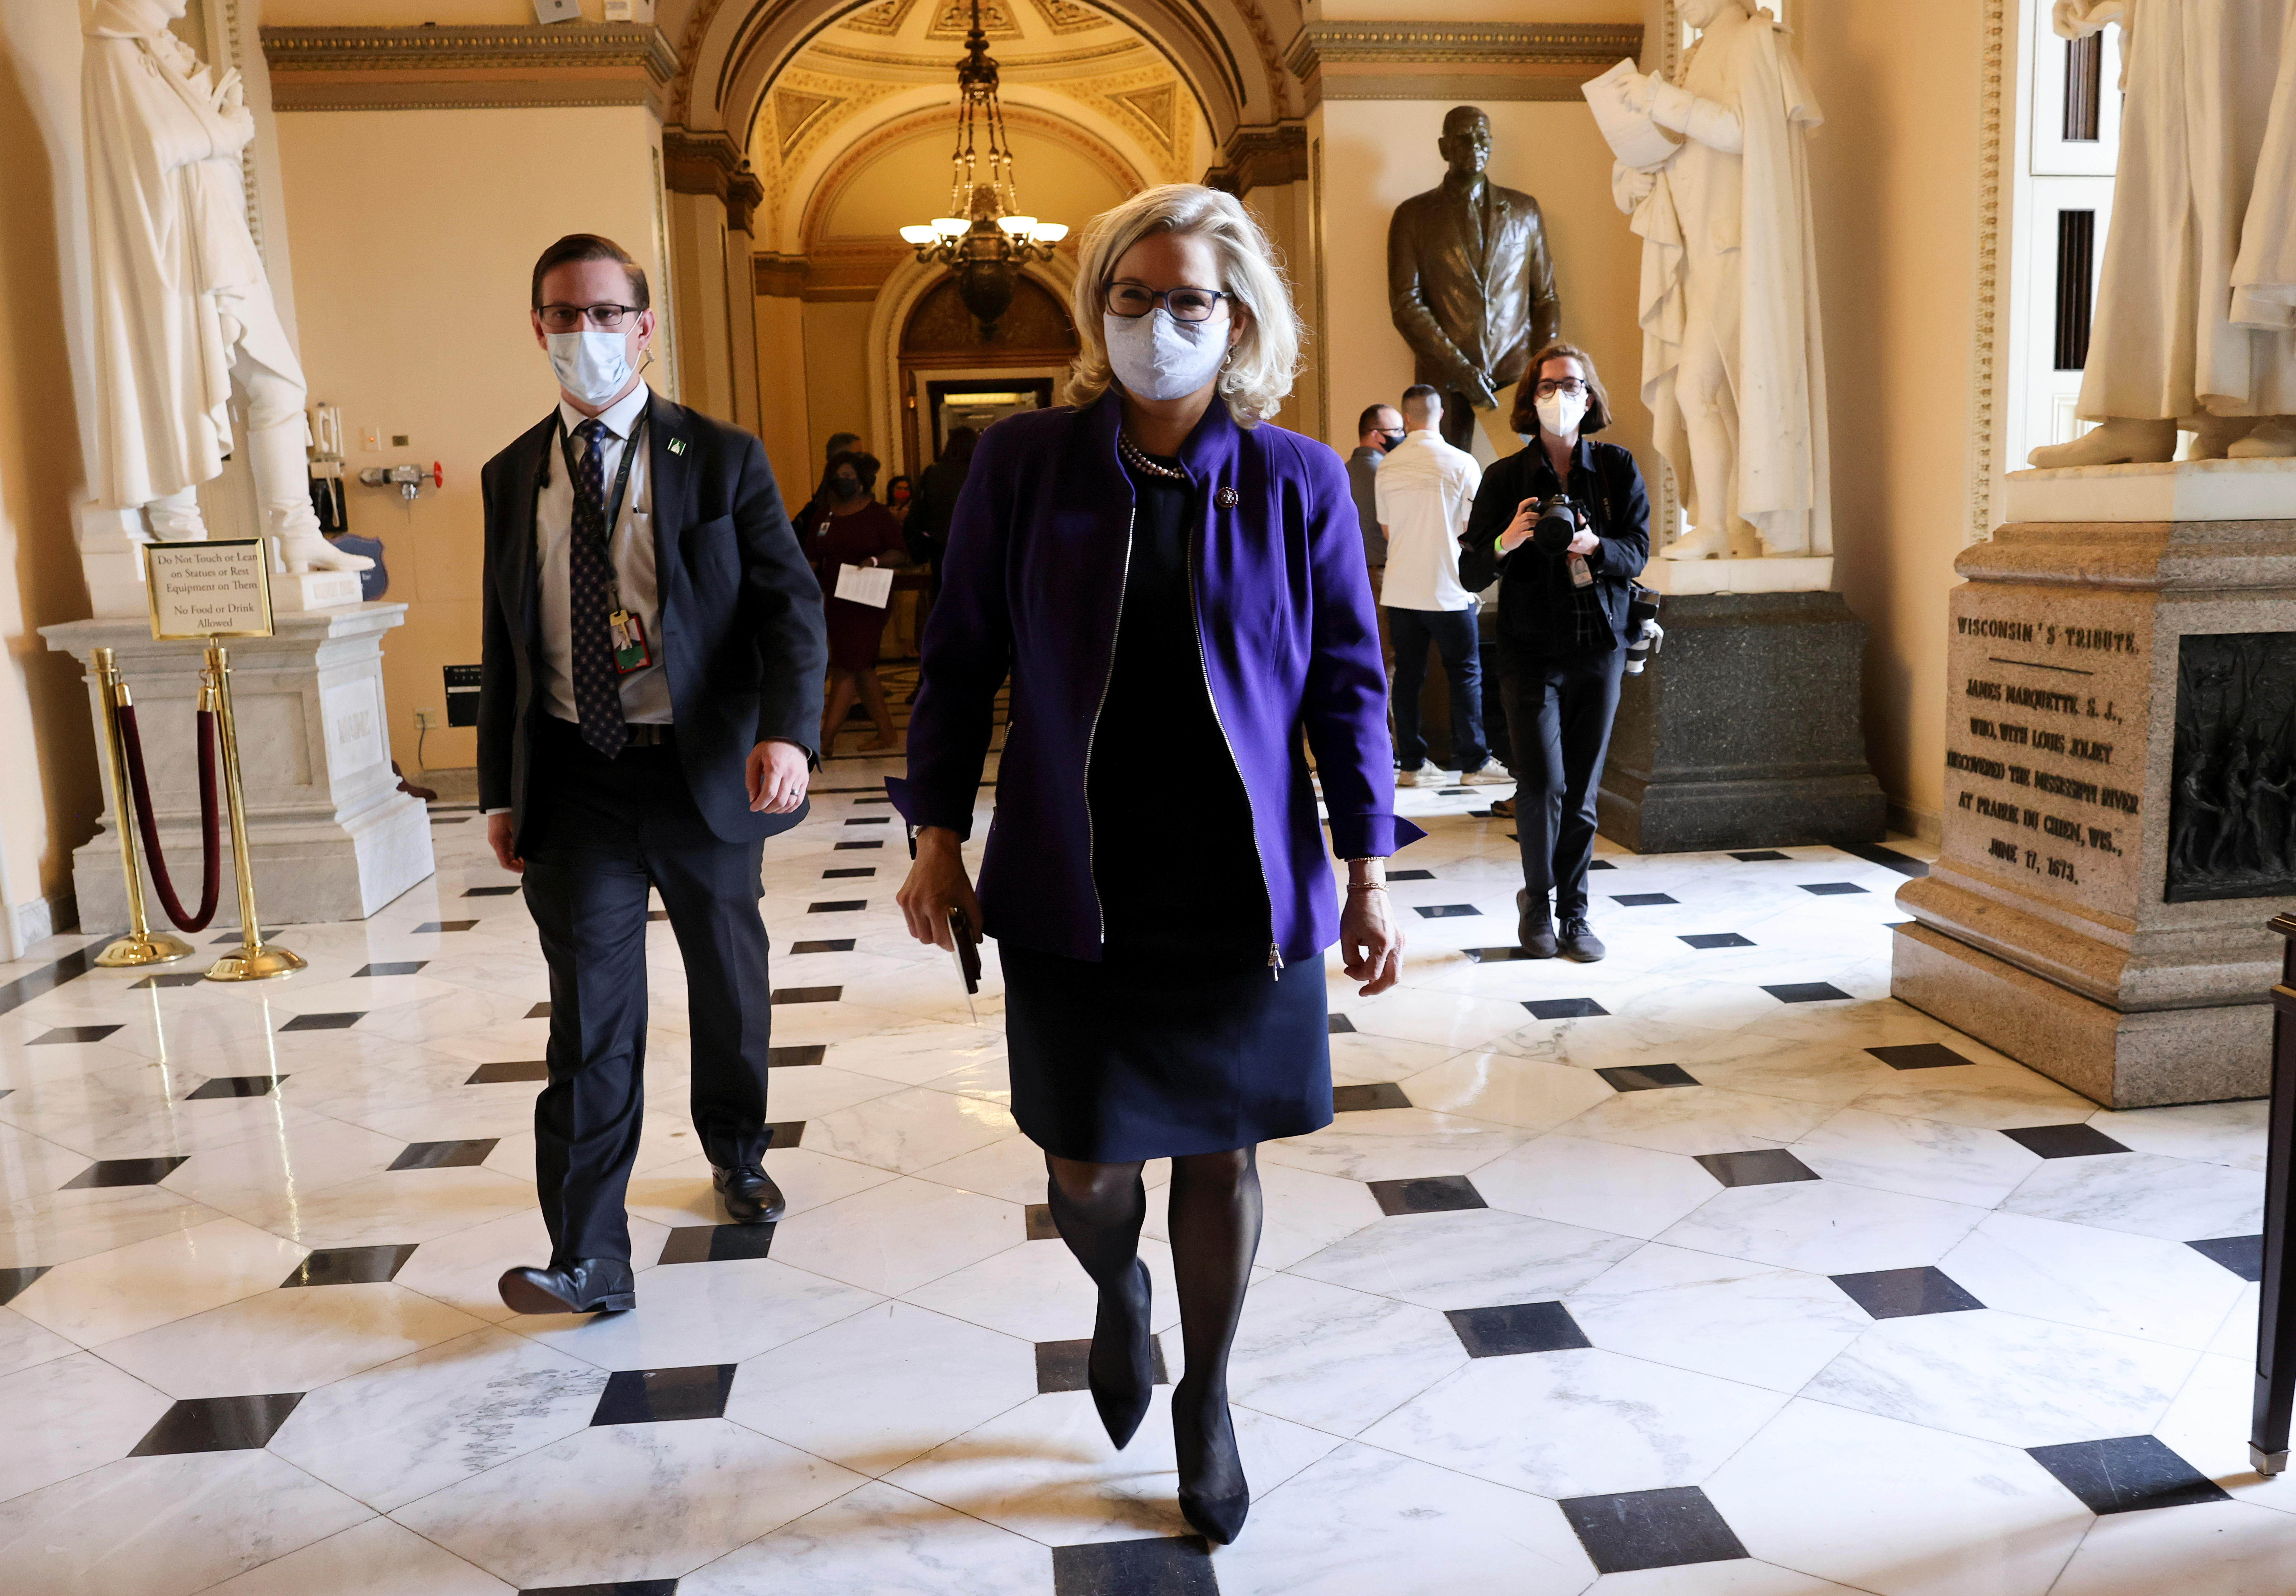 U.S. Representative Liz Cheney (R-WY) walks through the U.S. Capitol in Washington, U.S., May 13, 2021. REUTERS/Evelyn Hockstein